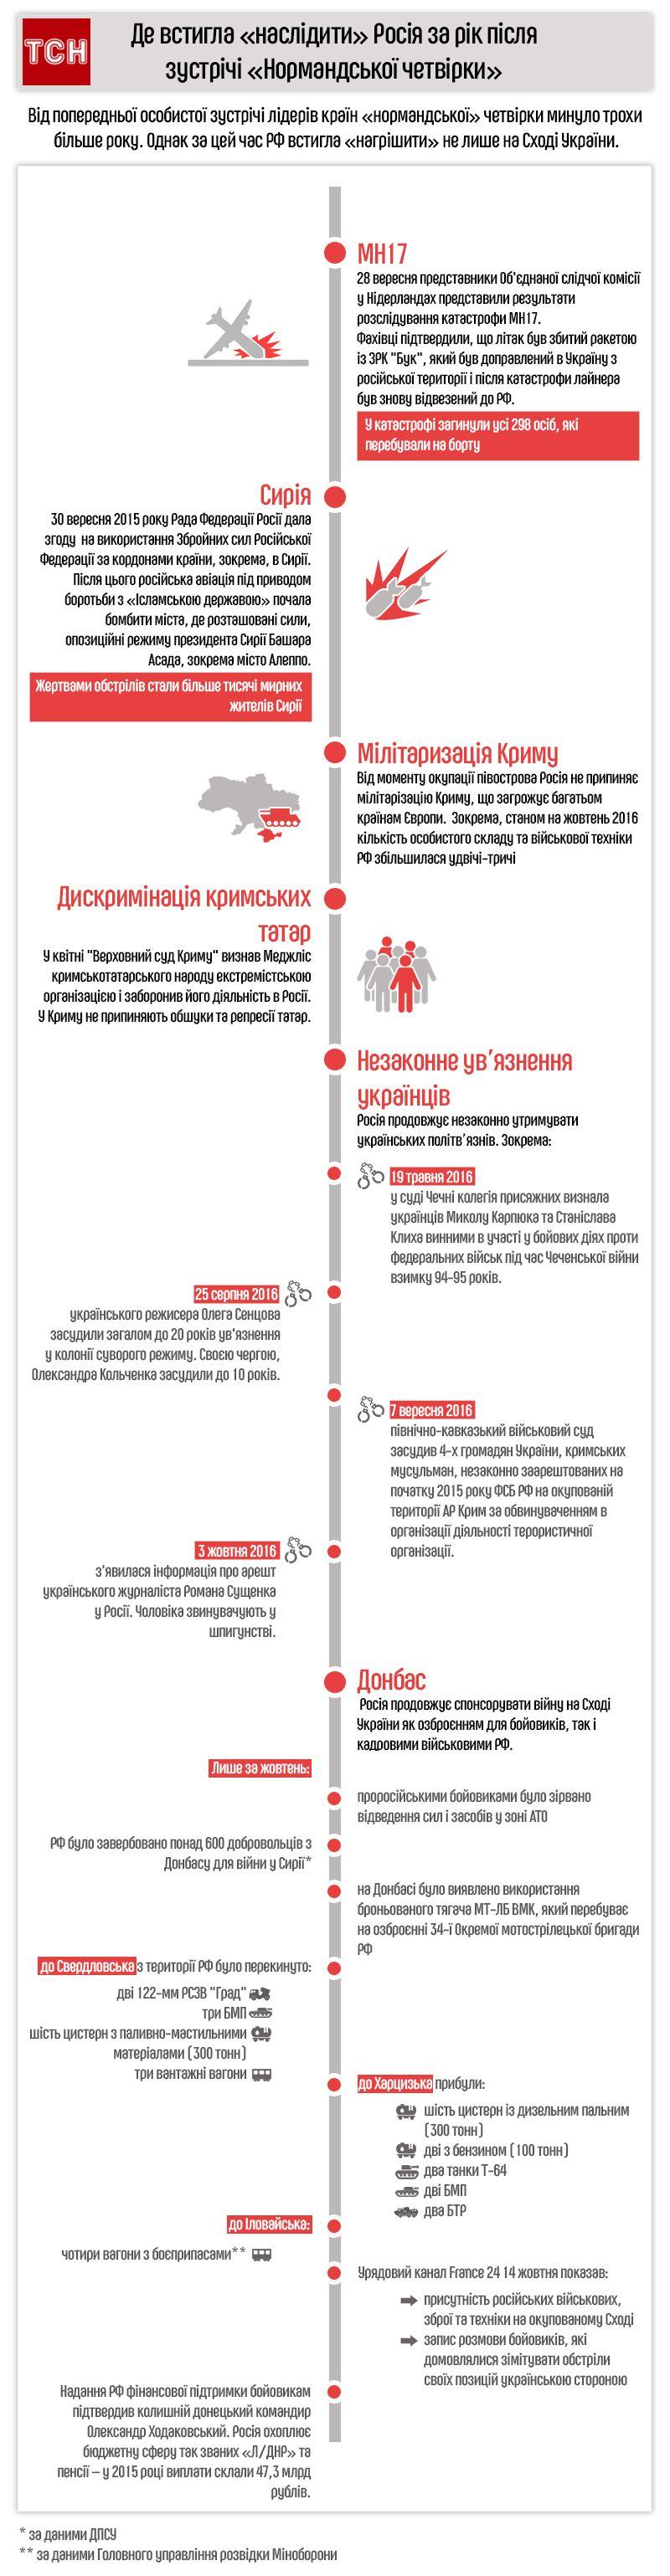 """скандальні """"досягнення"""" Росії за останній рік, інфографіка"""